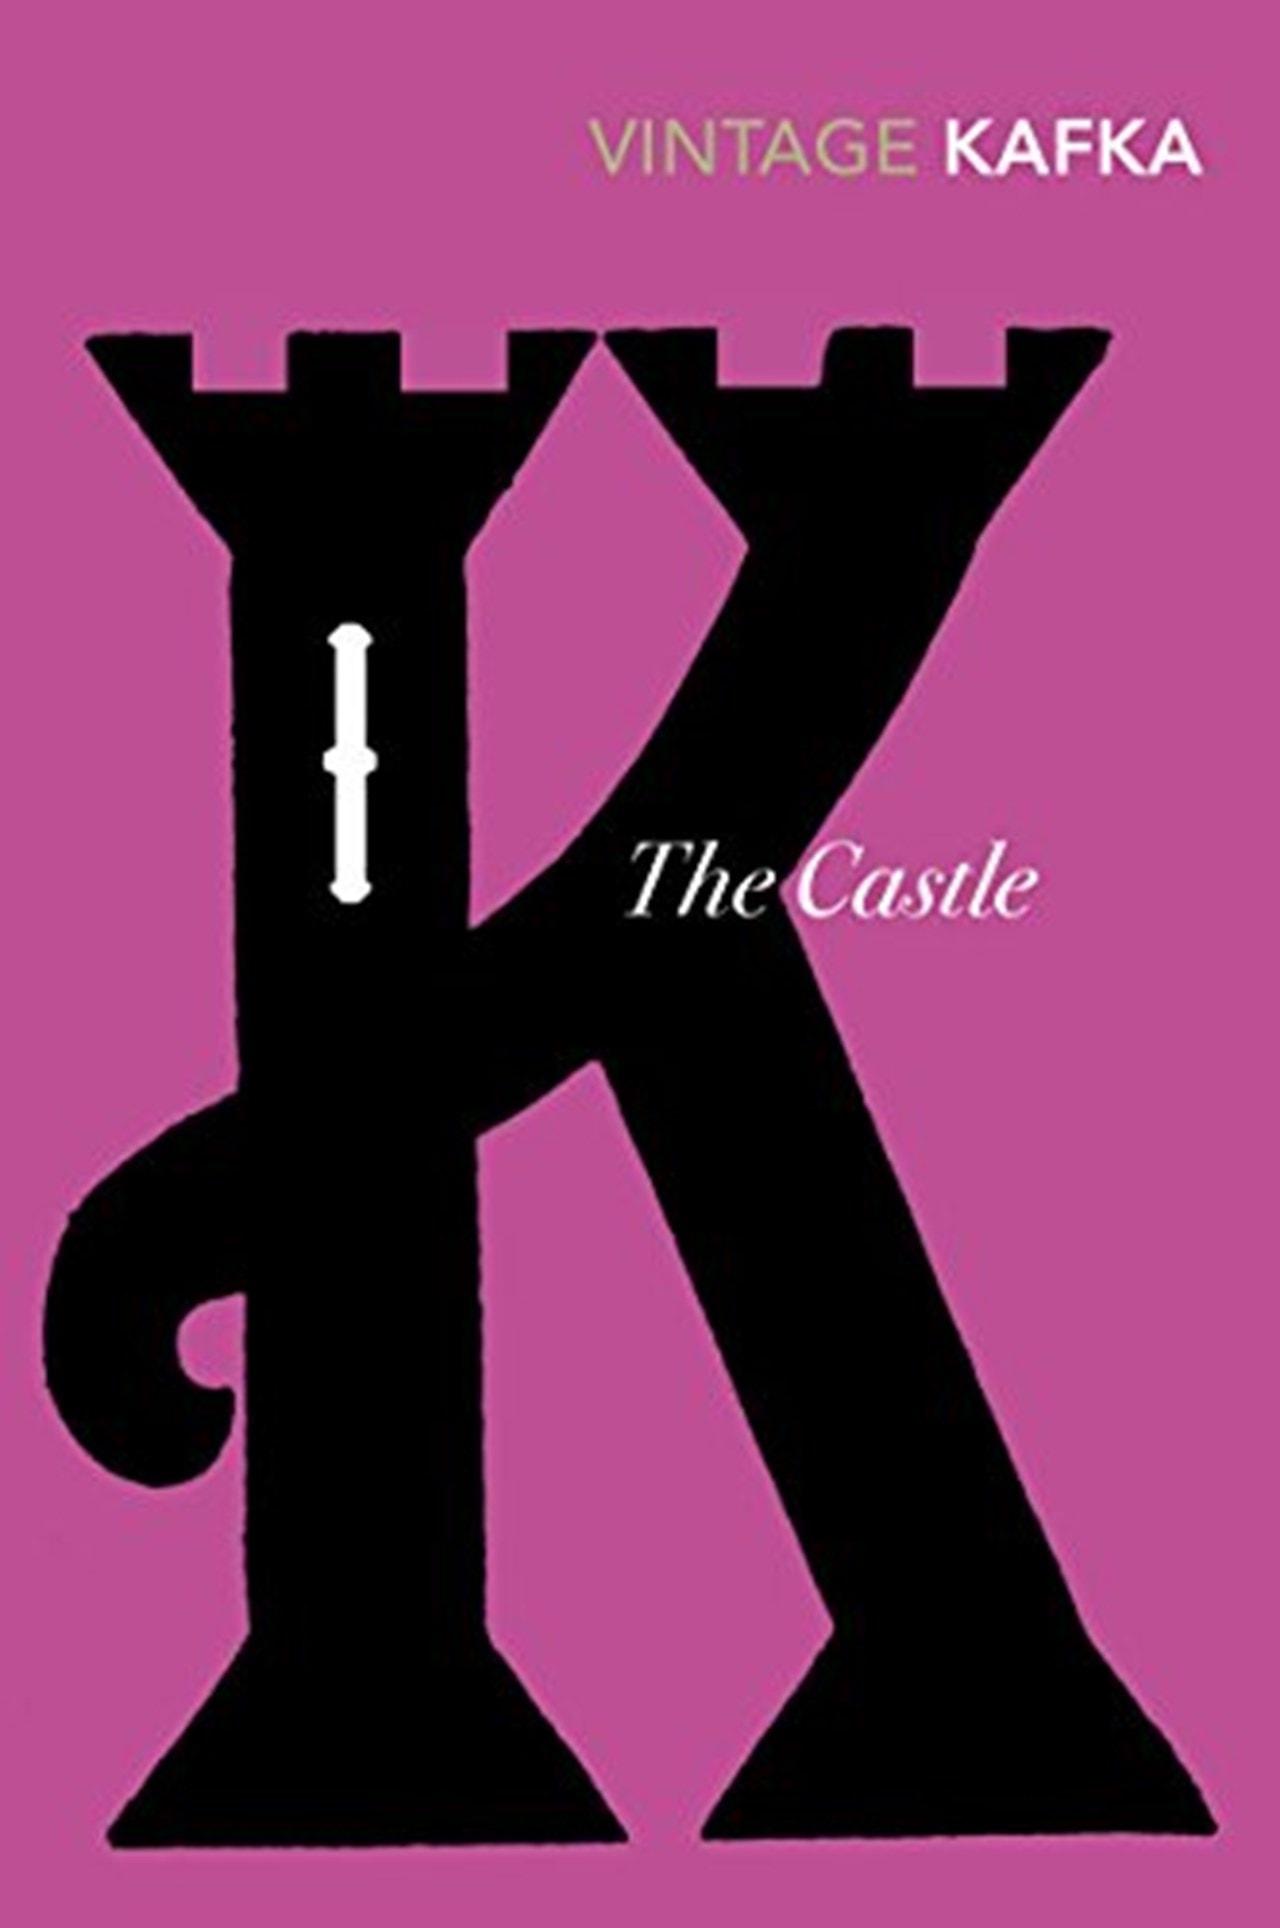 The Castle - 1